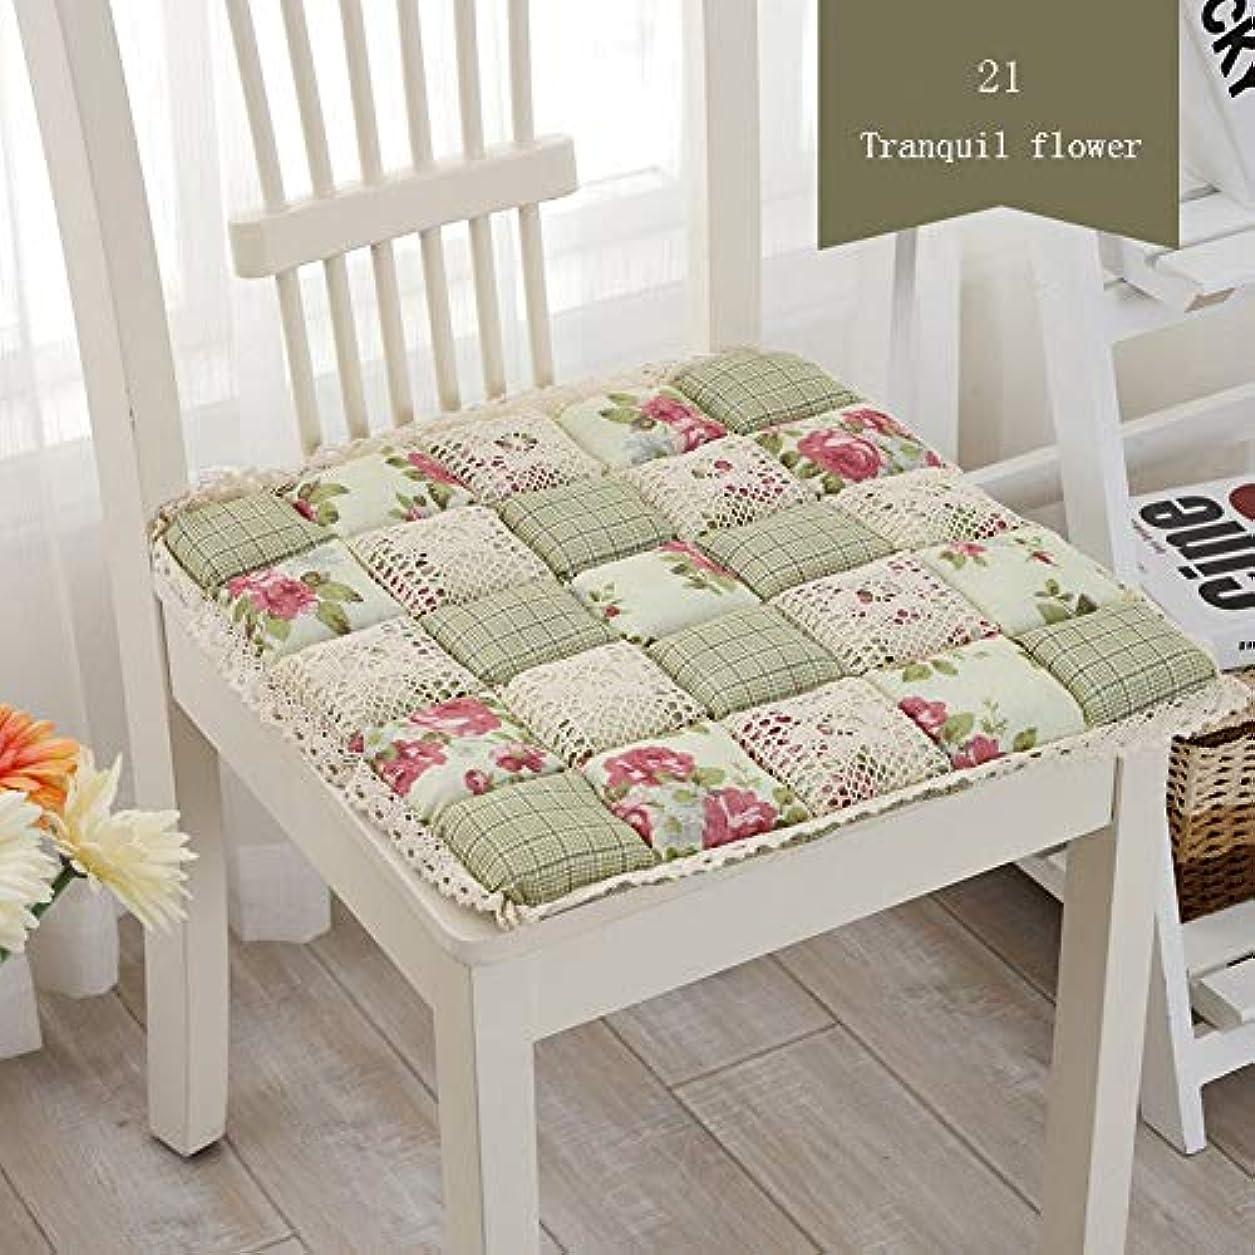 変更採用する徴収LIFE 1 個抗褥瘡綿椅子クッション 24 色ファッションオフィス正方形クッション学生チェアクッション家の装飾厚み クッション 椅子